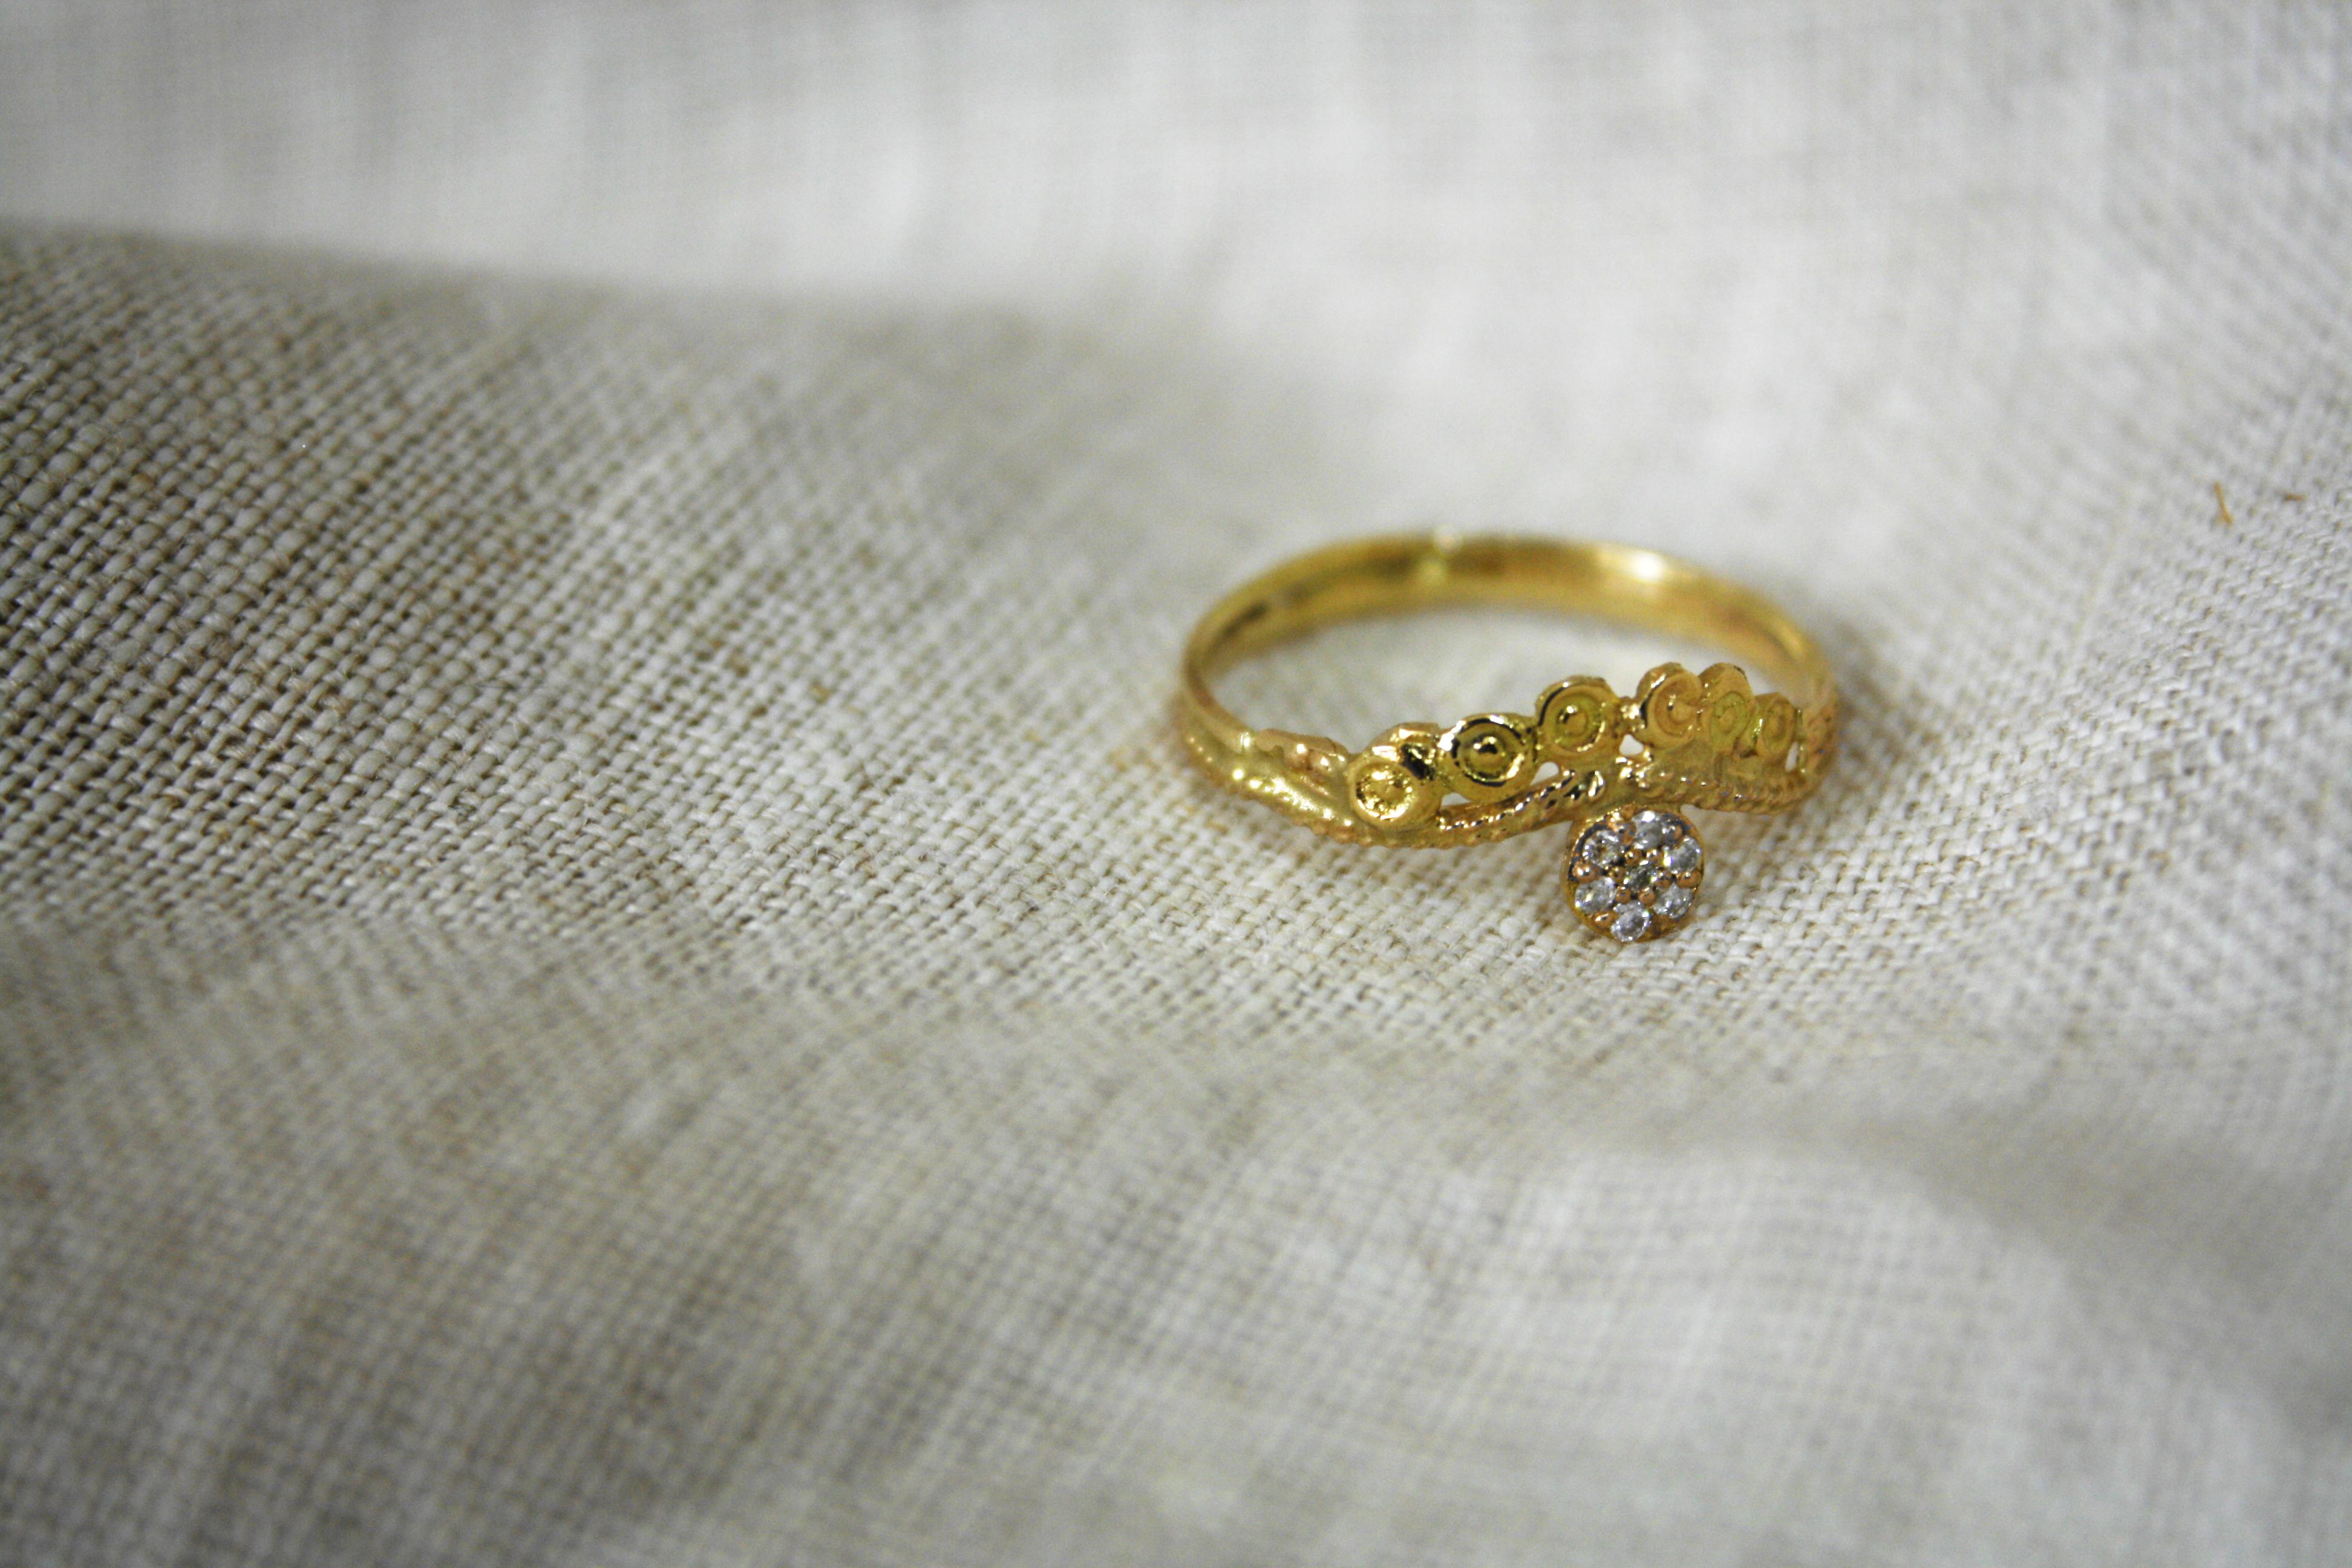 טבעת מלכות אסתר, זהב ושבעה יהלומים